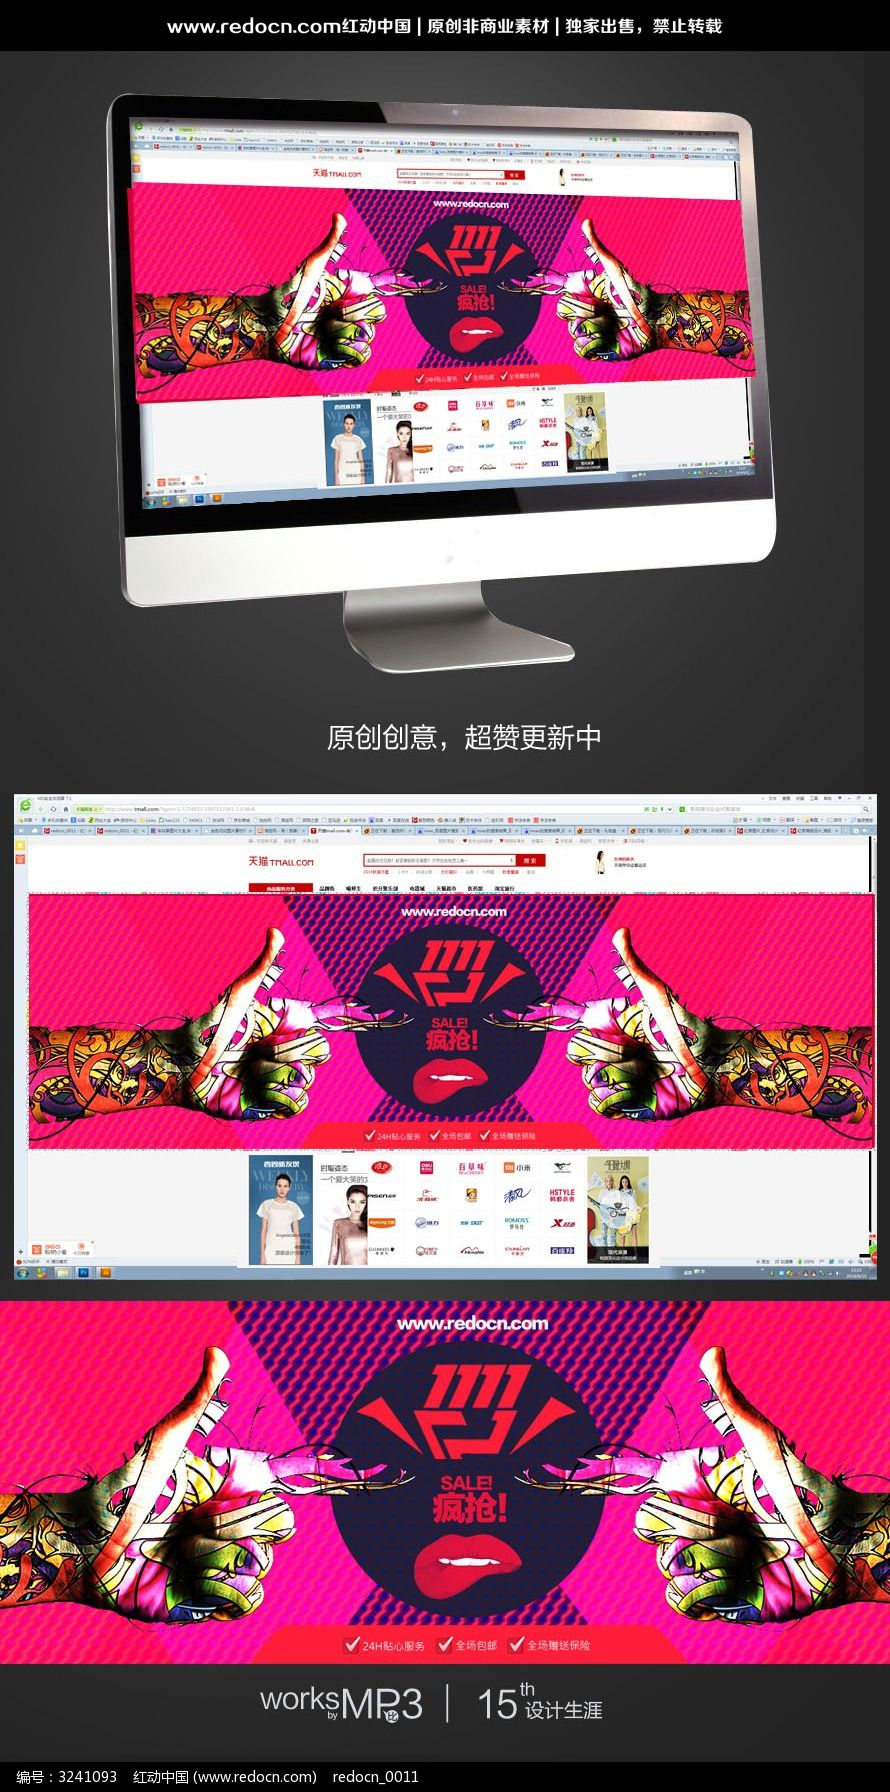 潮流双11促销海报设计